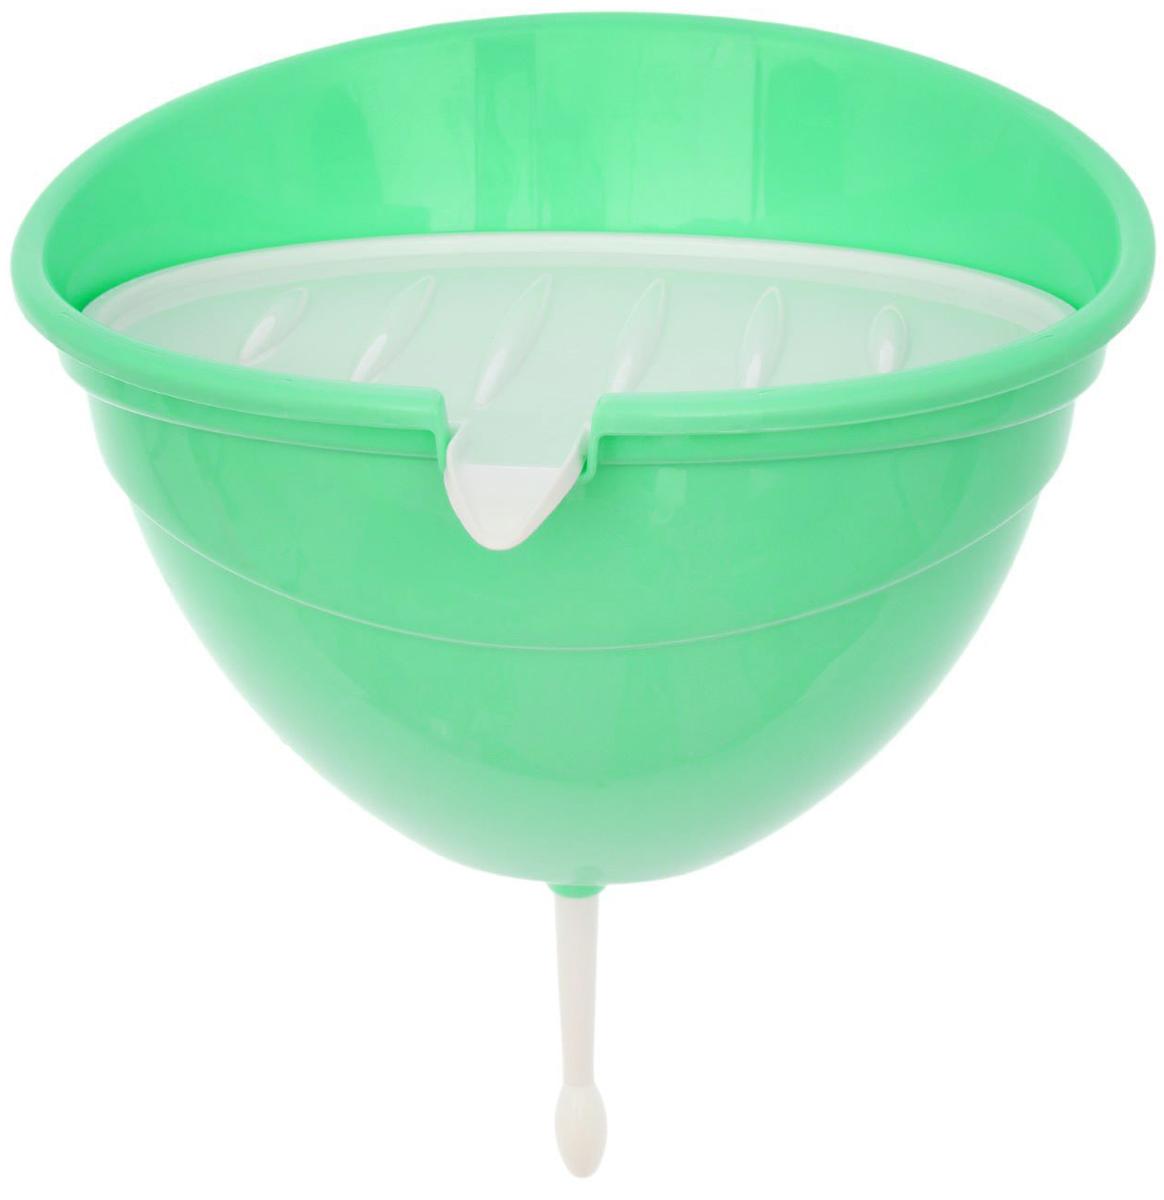 """Рукомойник """"InGreen"""" оригинальной формы поможет вам поддерживать чистоту рук на вашем дачном участке. Крышка плотно прилегает к рукомойнику, что препятствует попаданию грязи и пыли в воду. Крышку рукомойника можно использовать как мыльницу.  В комплекте с товаром поставляются все необходимые дюбеля и шурупы для надежного крепления рукомойника в удобном для вас месте."""